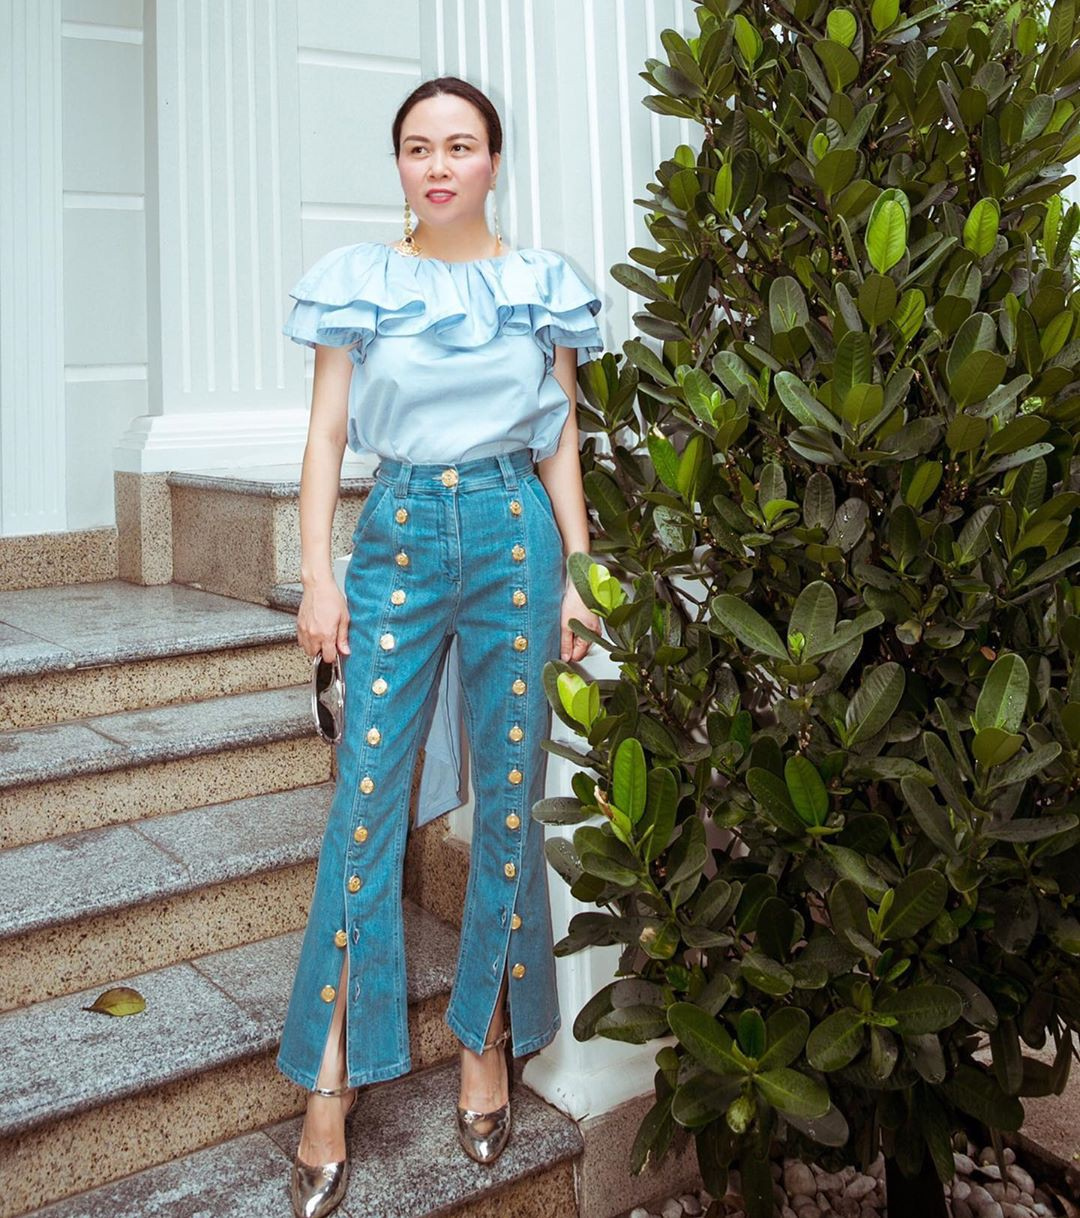 4 lý do khiến Phượng Chanel thường xuyên mix đồ tréo ngoe, chị em công sở nhớ kỹ để tránh mặc xấu-10